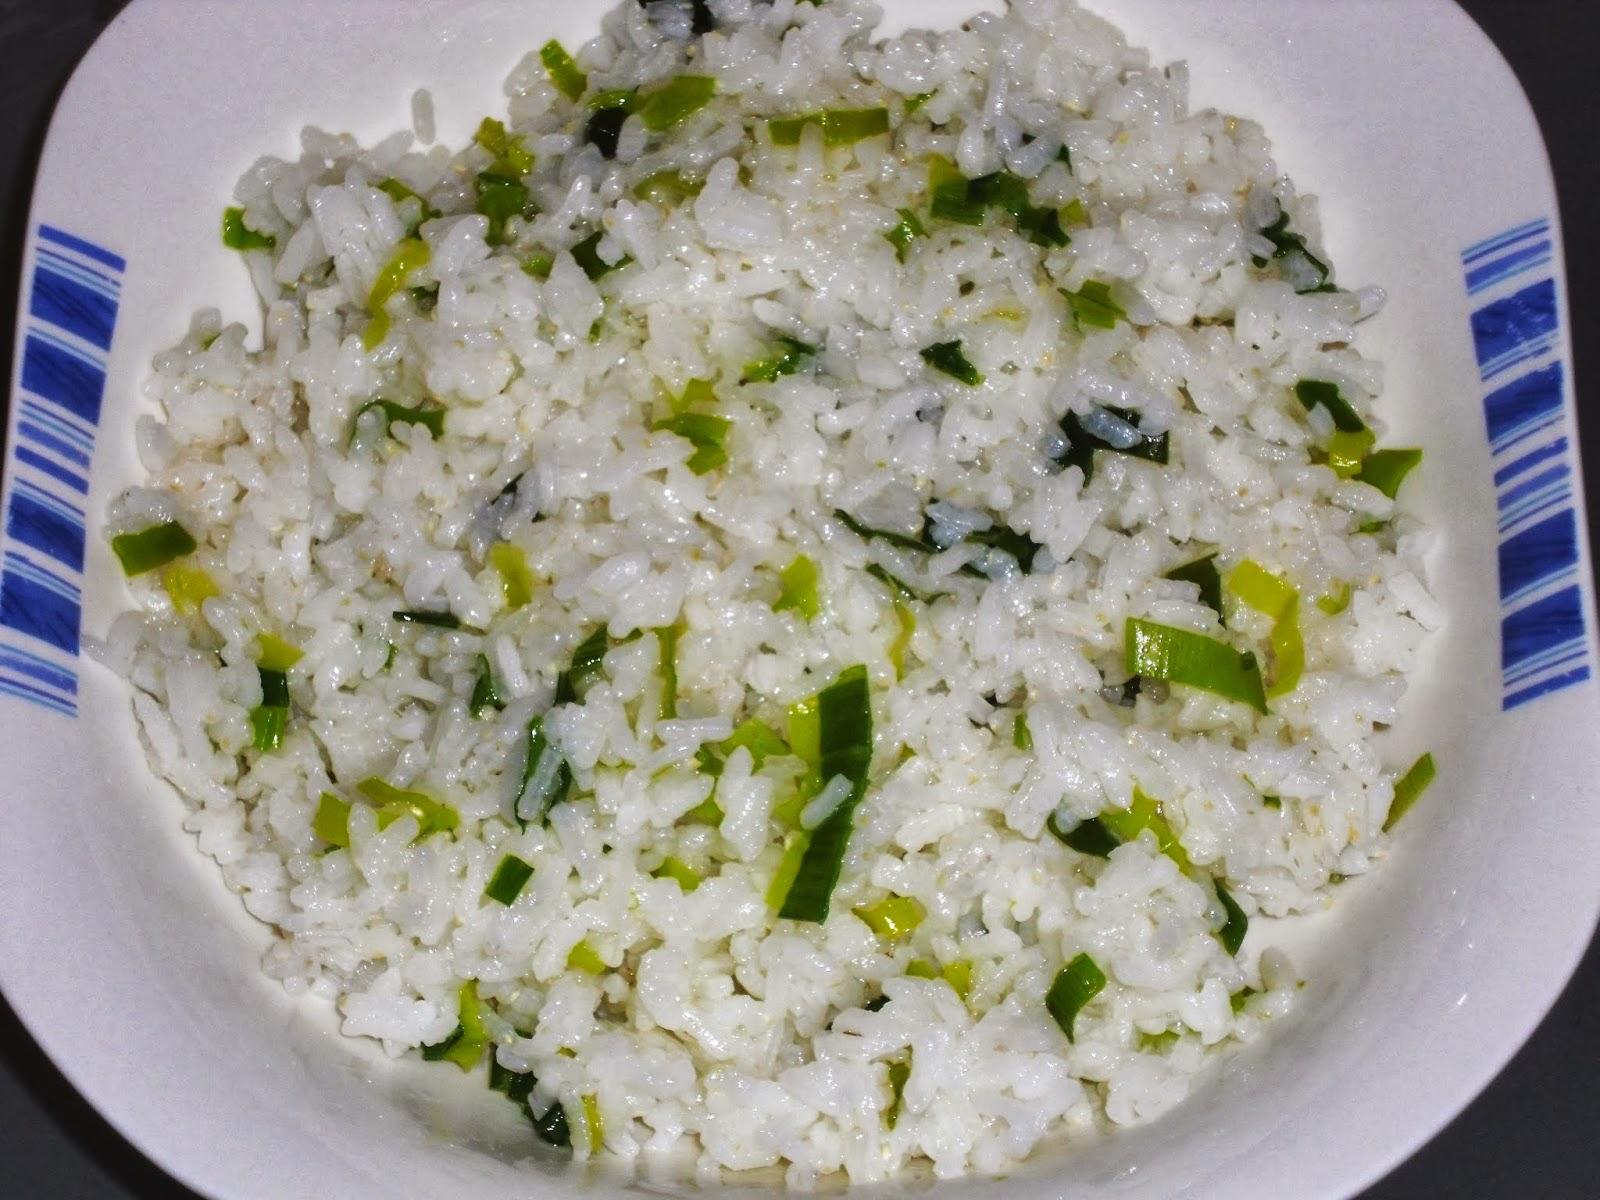 Recetas de cocina de un abuelo donostiarra arroz con txirlas - Comidas con arroz blanco ...